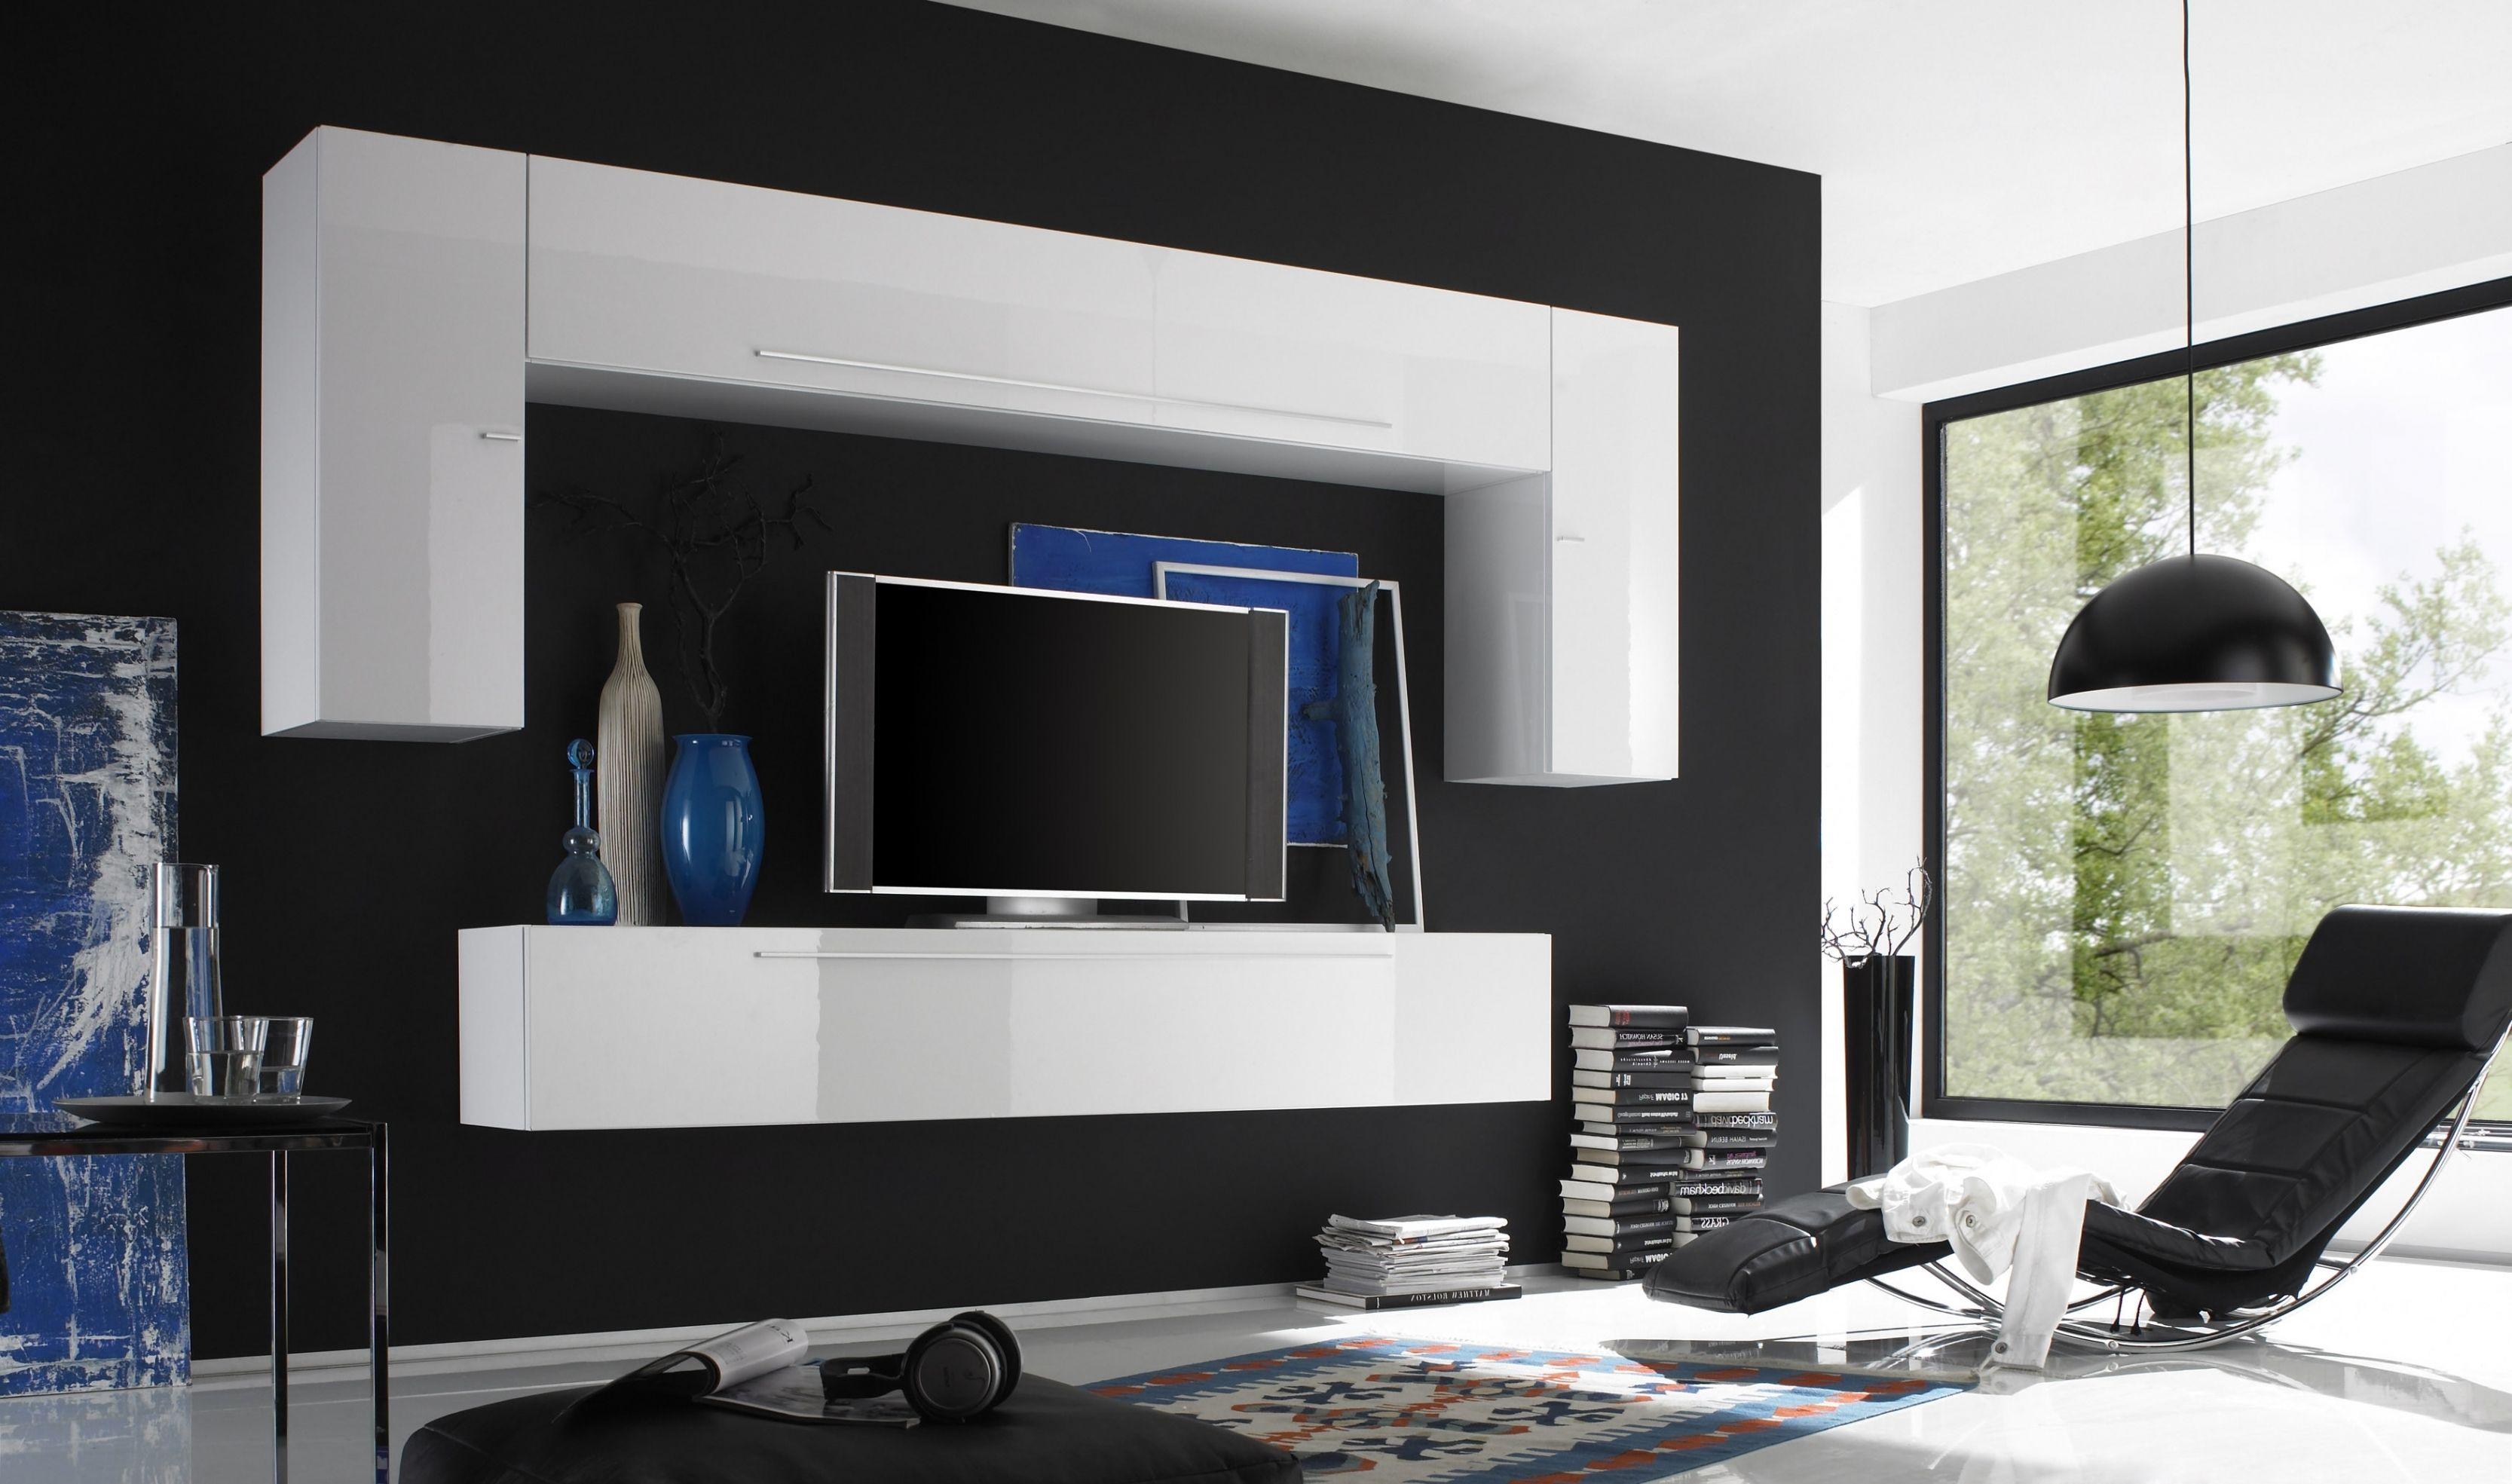 Neueste Wohnzimmer Ohne Wohnwand | Wohnzimmer ideen | Pinterest ...